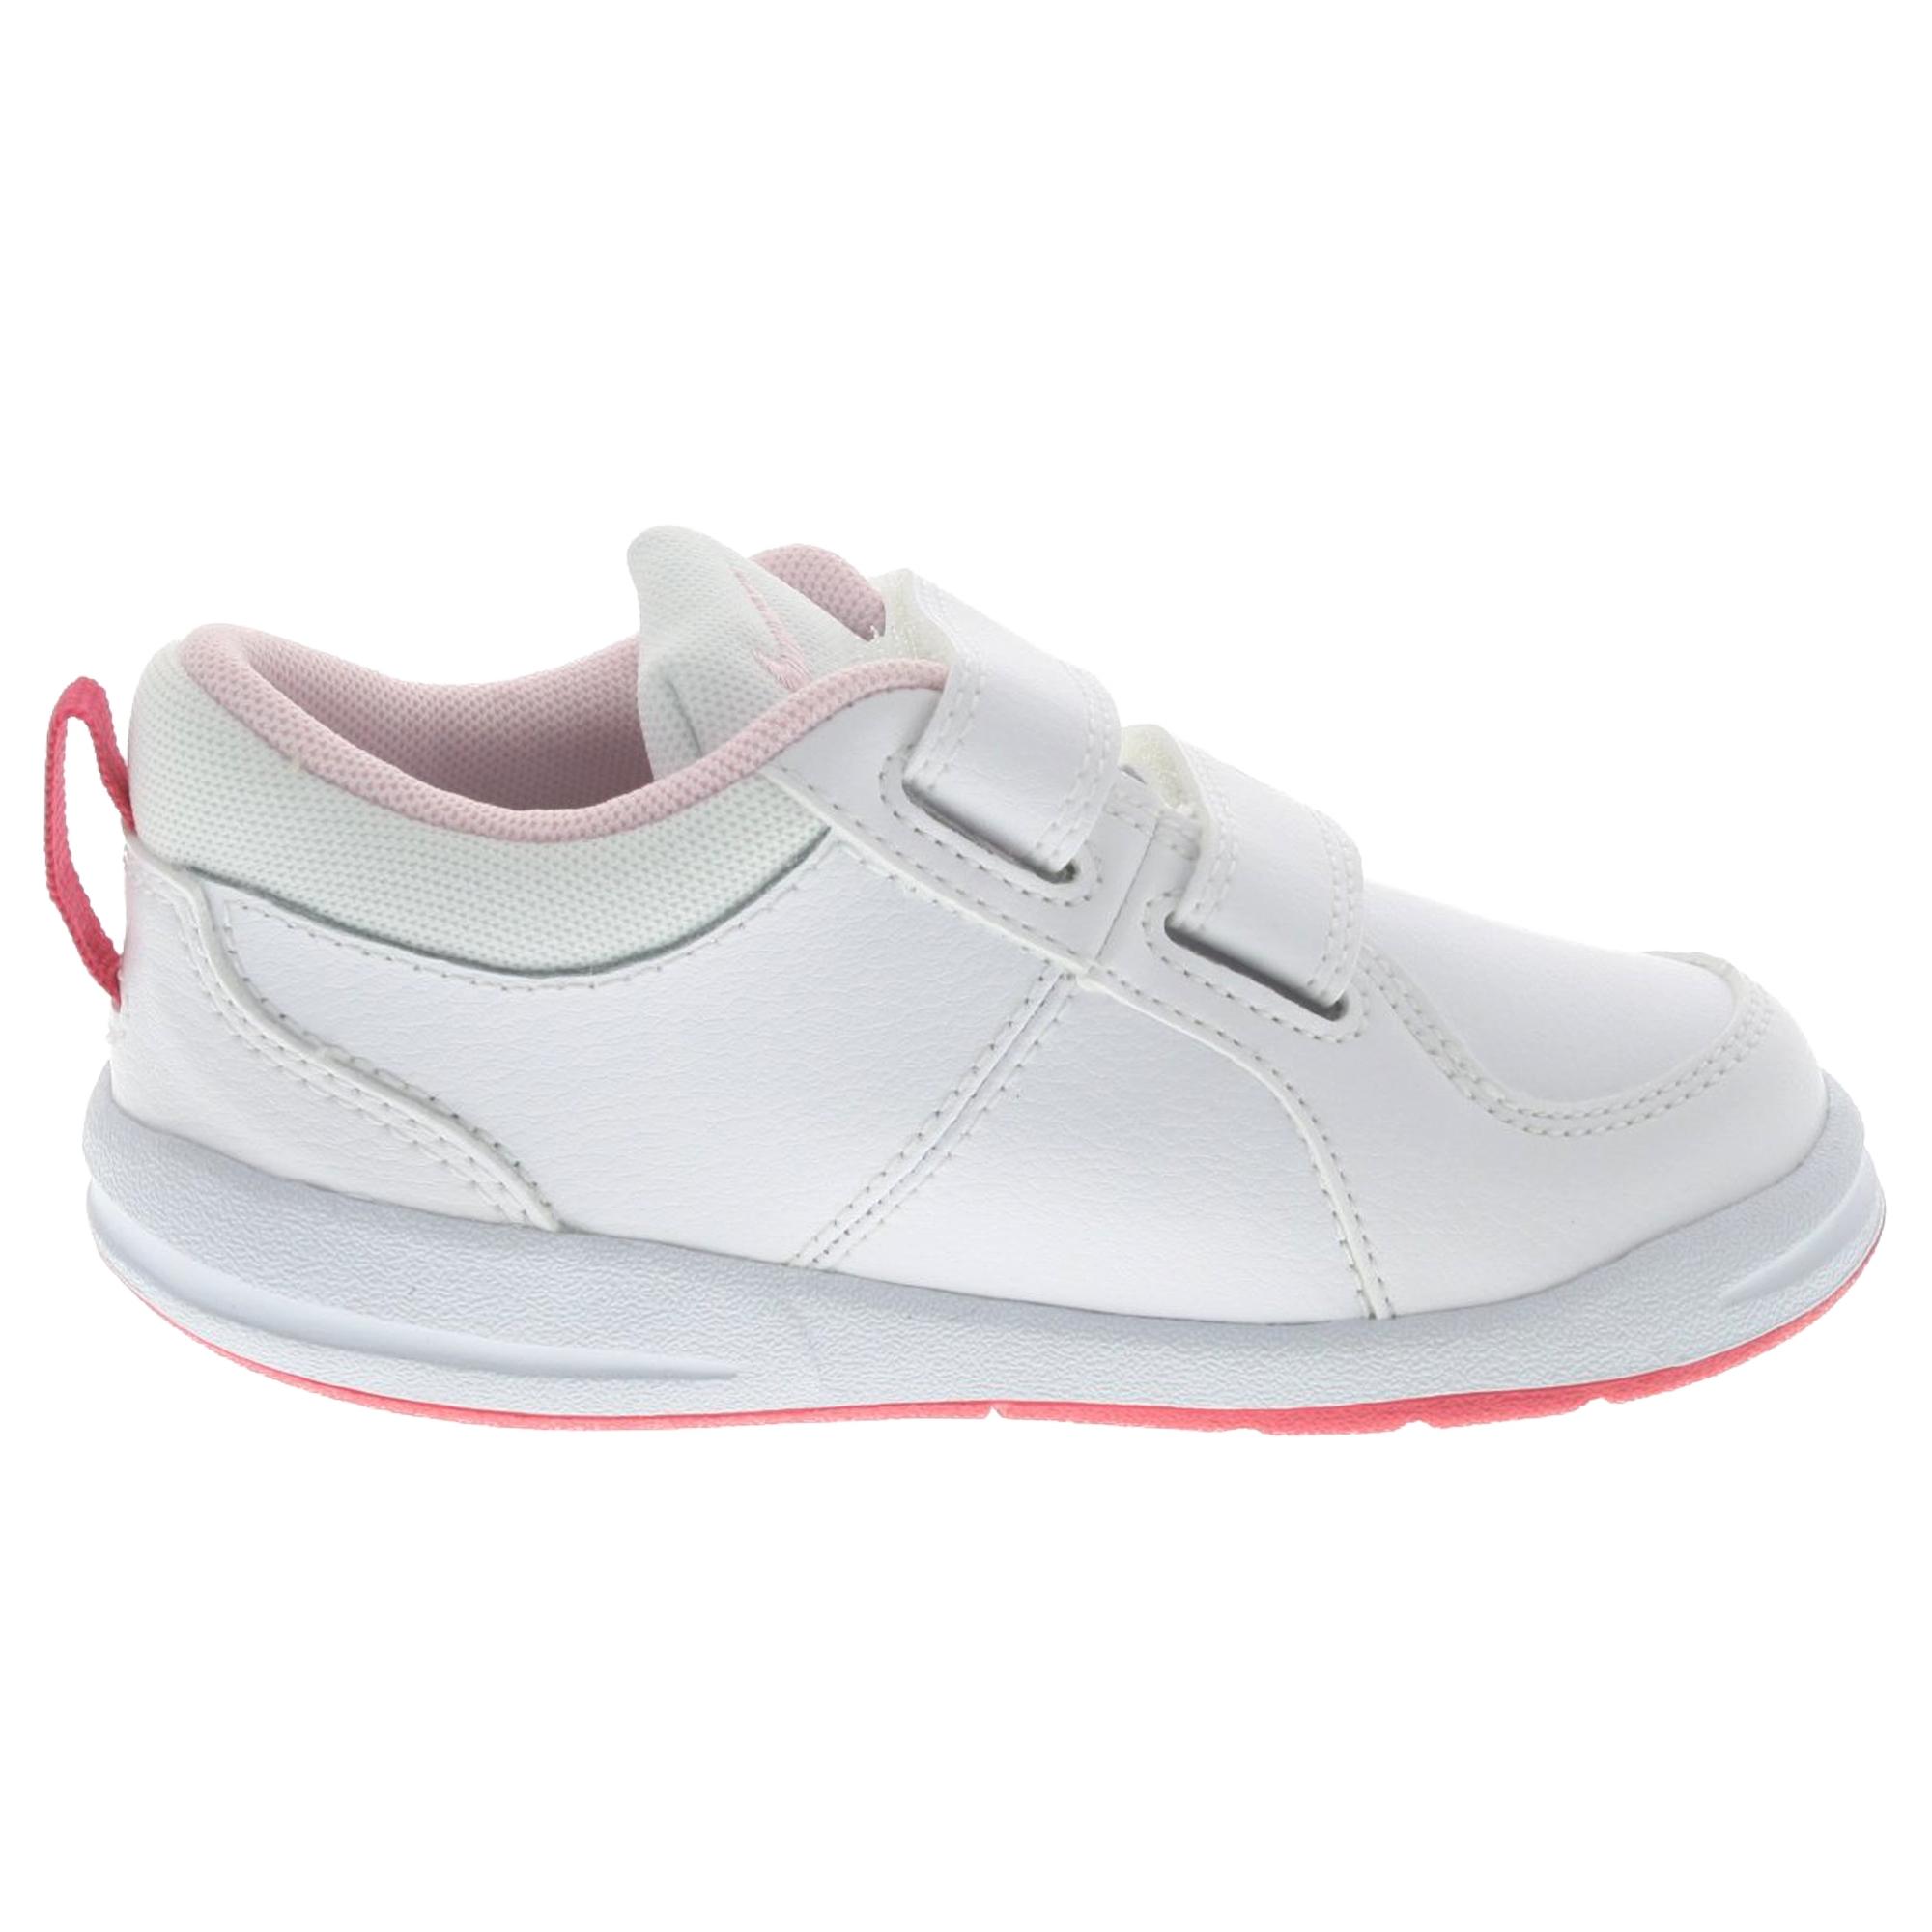 Nike 454478-103 Pico 4 Çocuk Spor Ayakkabı